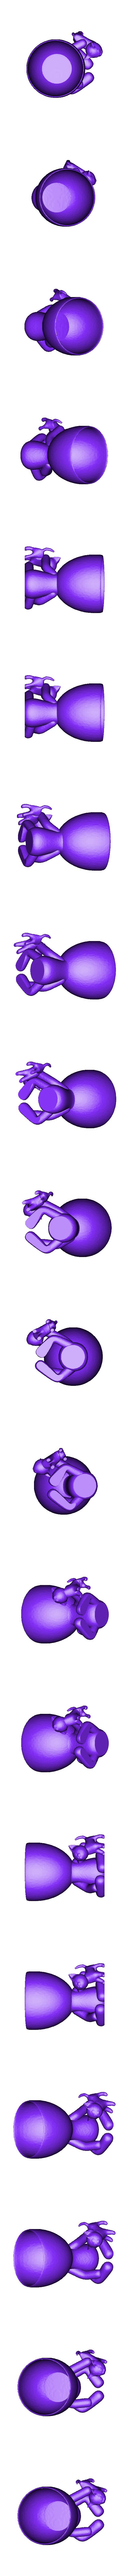 Robert_CAT_Final.STL Télécharger fichier STL gratuit Vase Robert Planter avec l'animal de compagnie n° 111 • Design imprimable en 3D, CREATIONSISHI